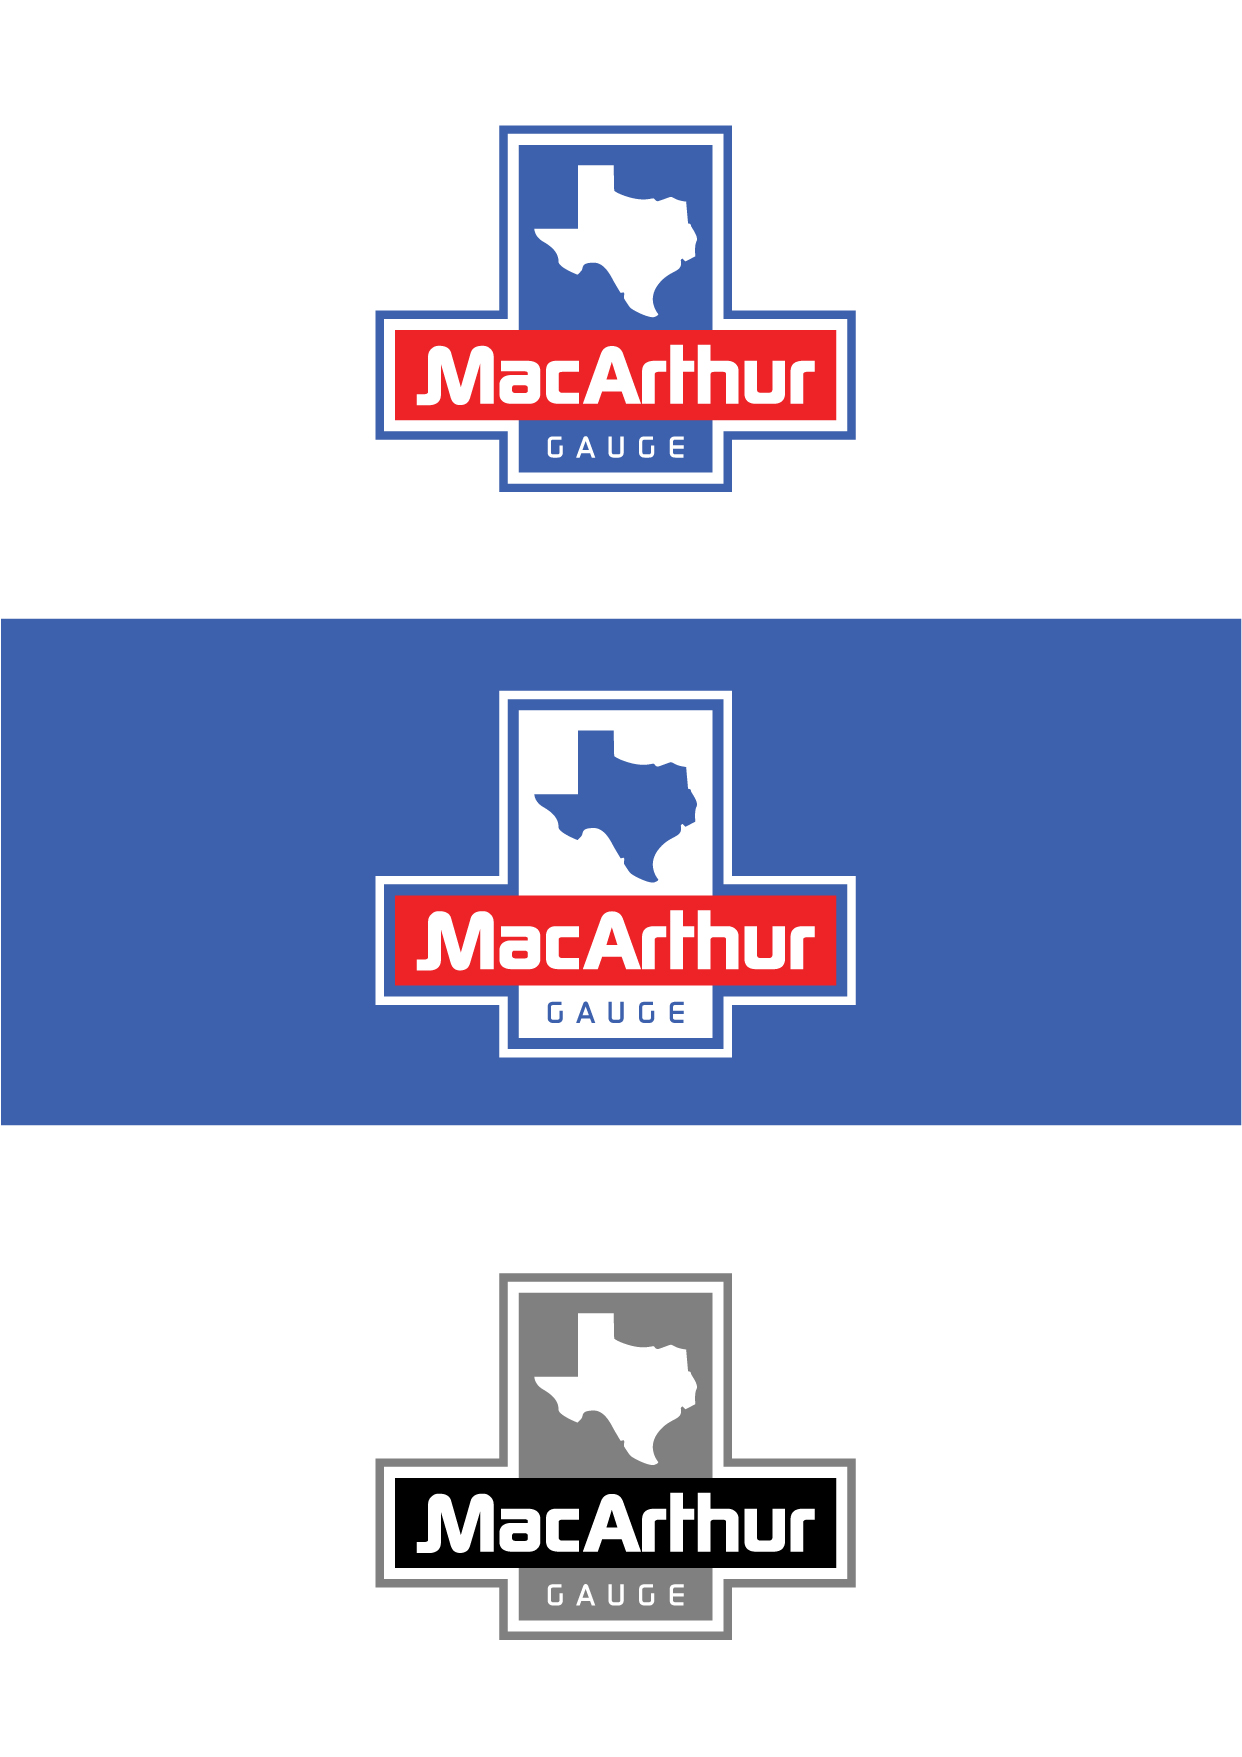 Logo Design by Wilfredo Mendoza - Entry No. 175 in the Logo Design Contest Fun Logo Design for MacArthur Gauge.